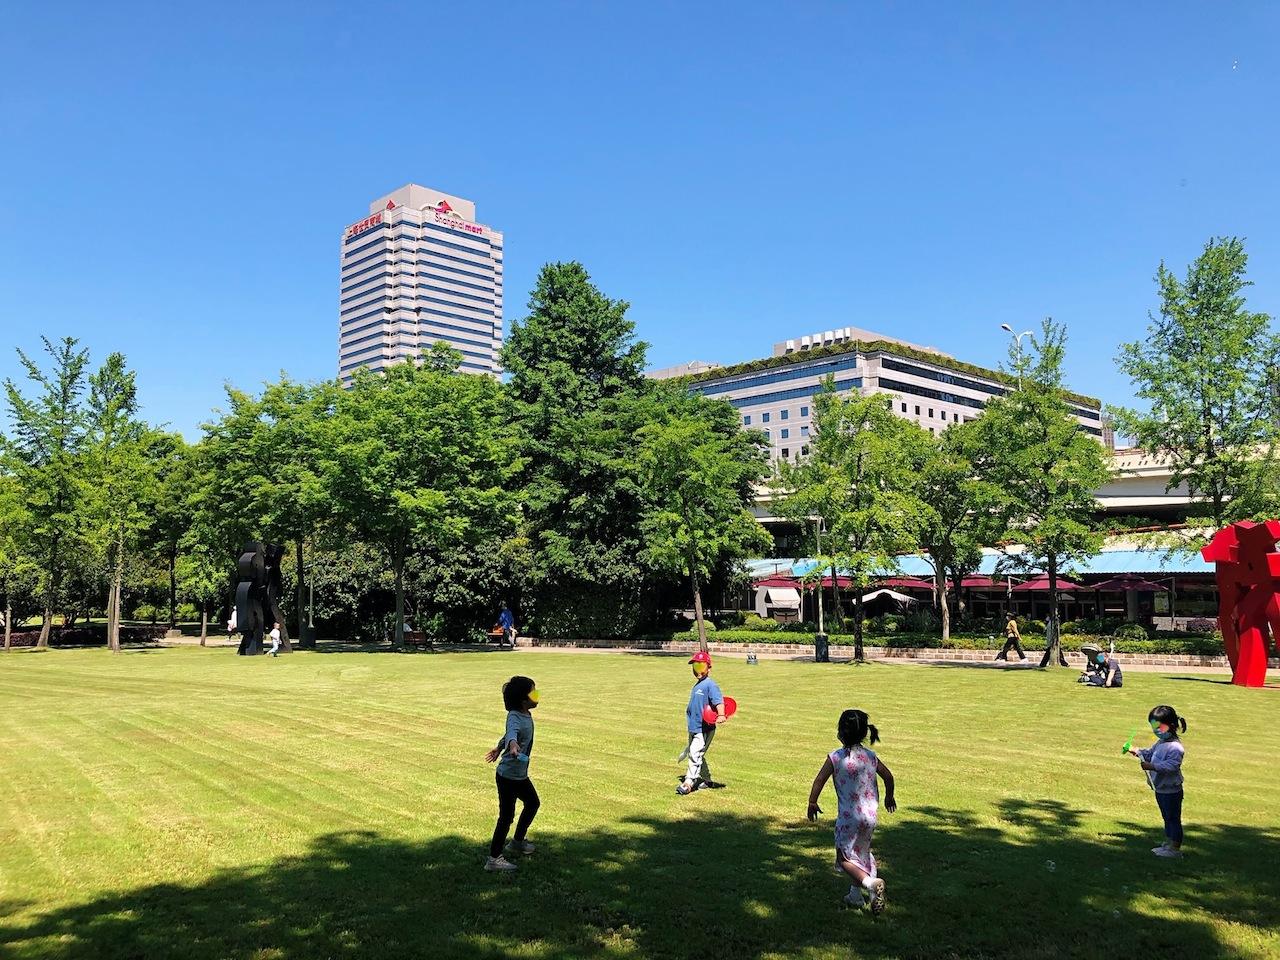 上海•元気いっぱいに遊ぶ子どもたち